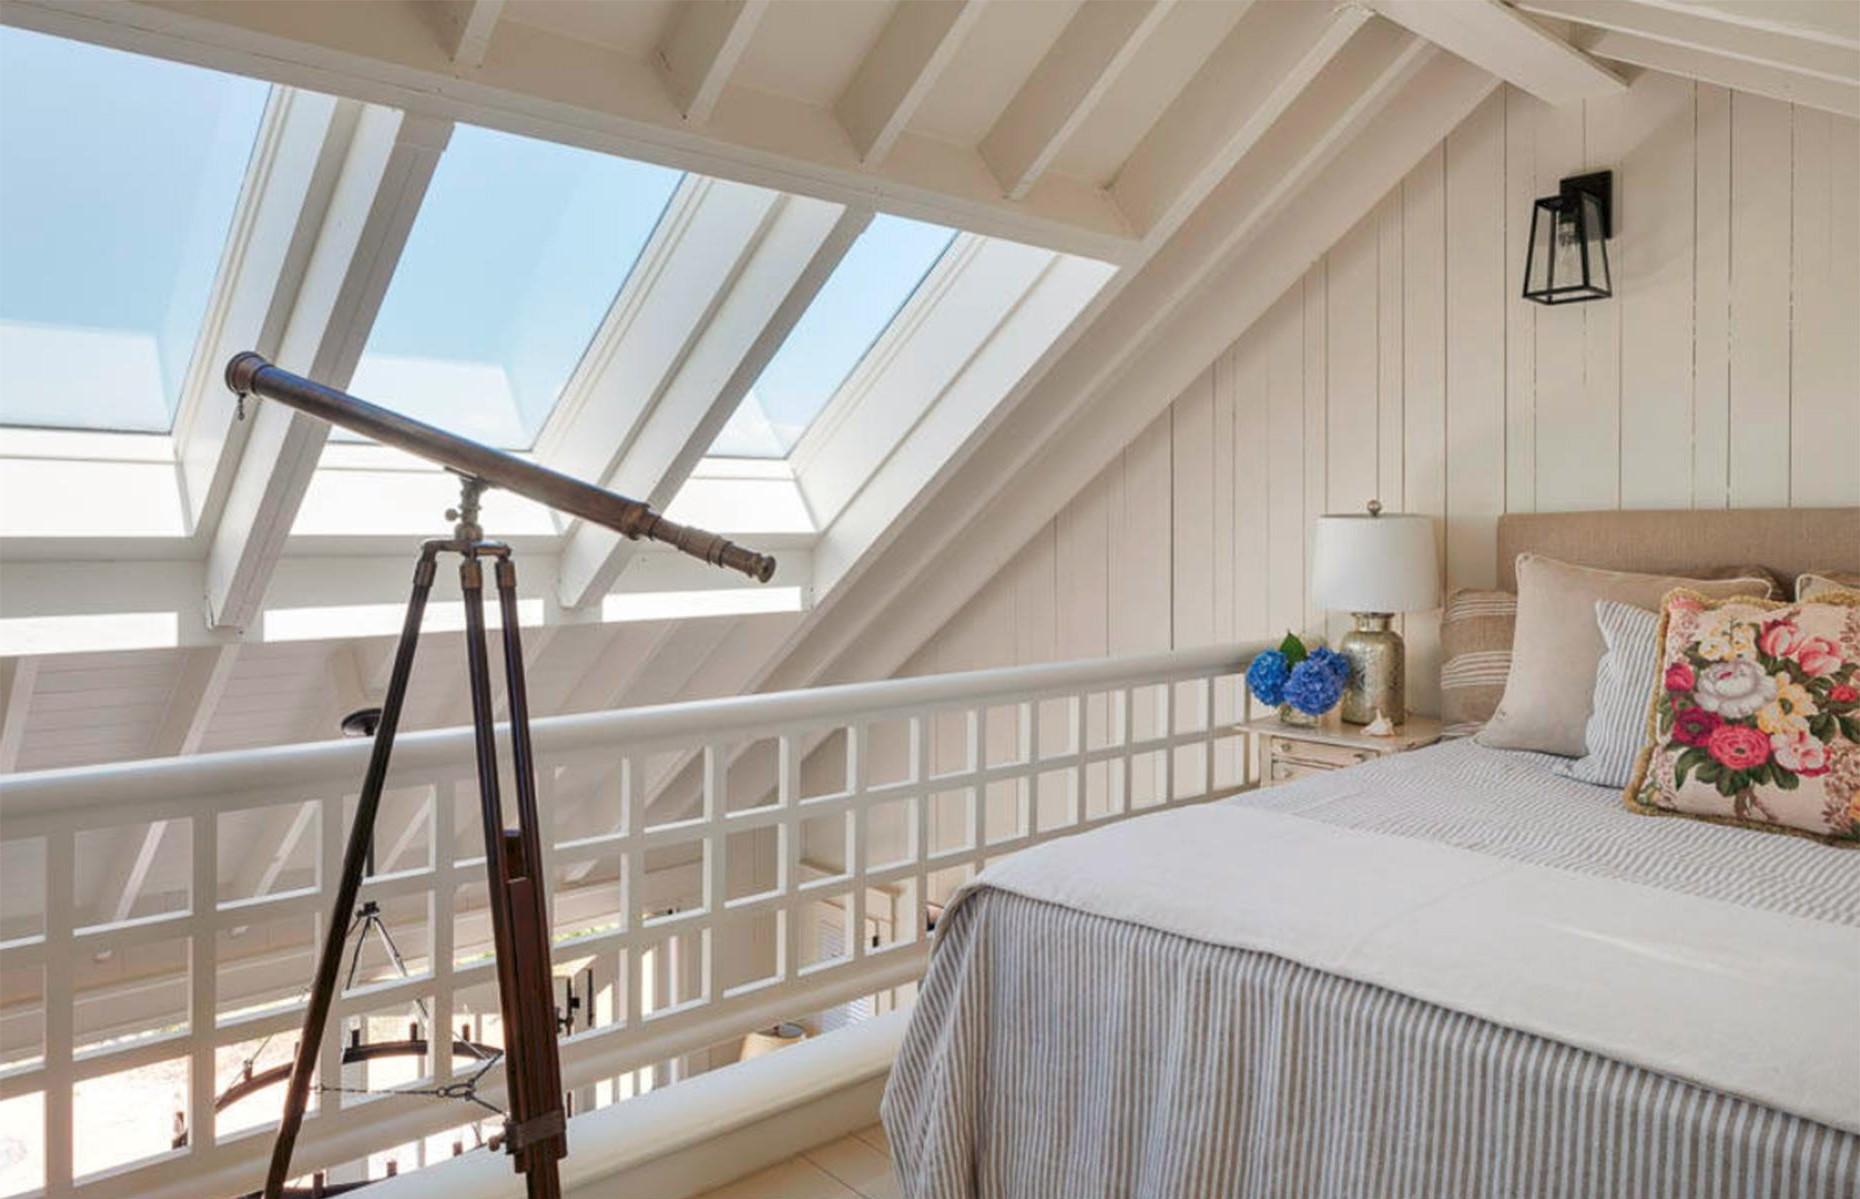 Faites des fenêtres l'accent principal dans votre confortable pièce mansardée.